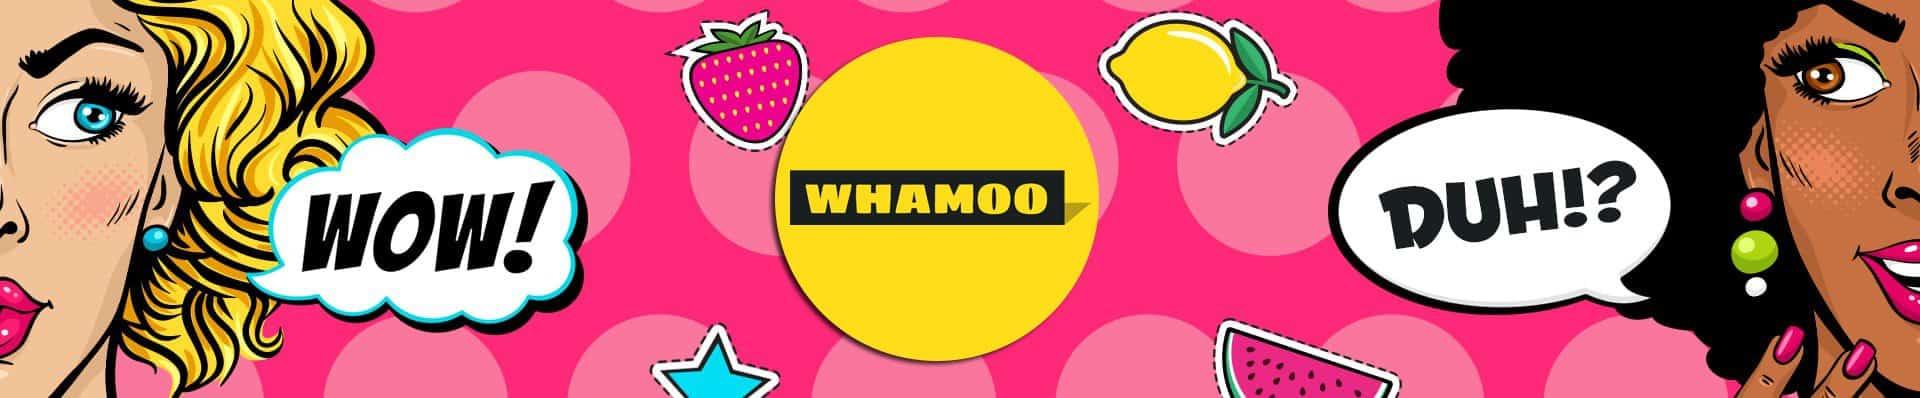 Whamoo Casino banner